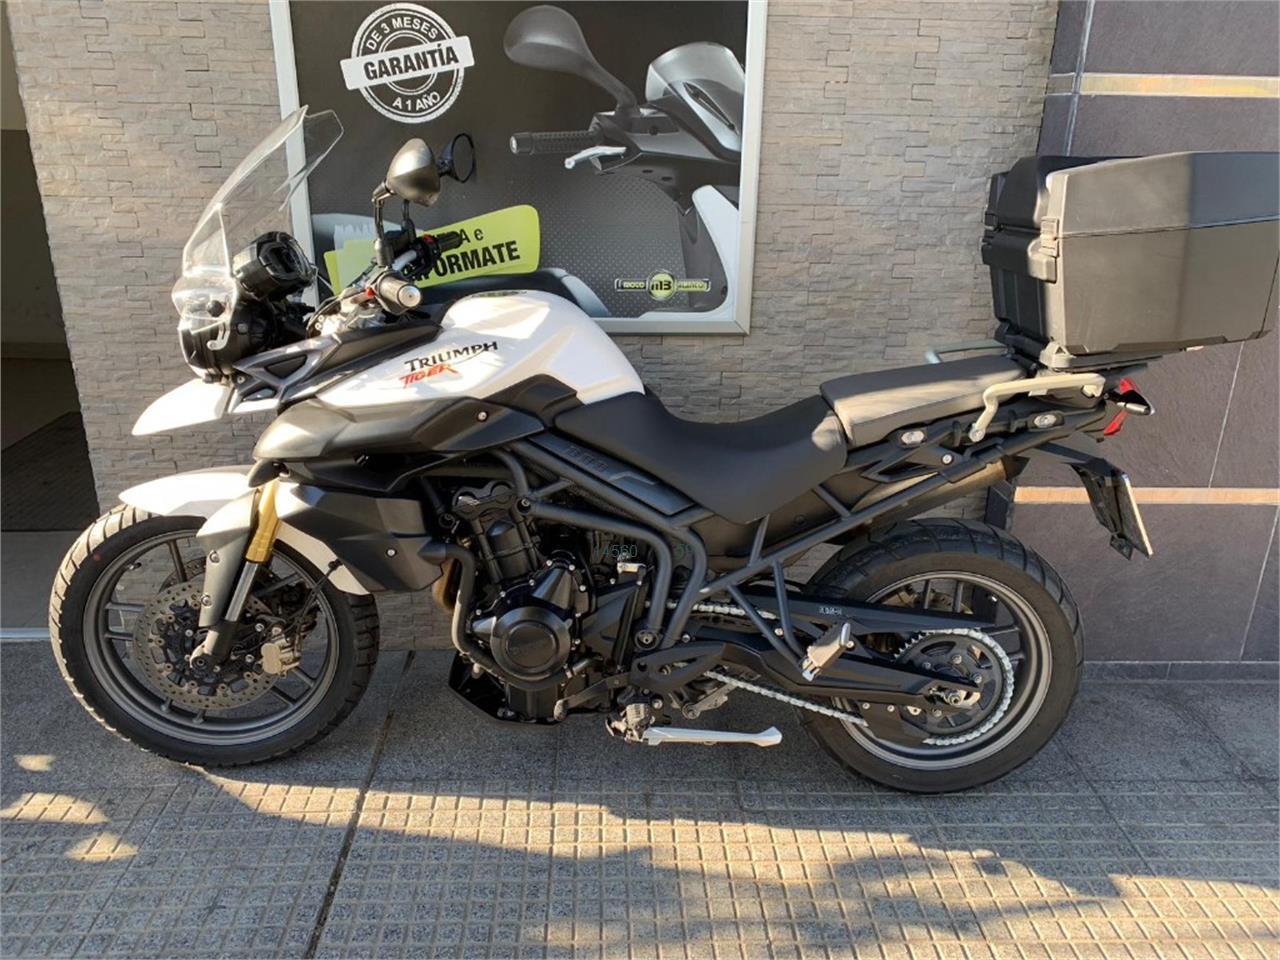 TRIUMPH TIGER 800 ABS_4 de venta en Huelva